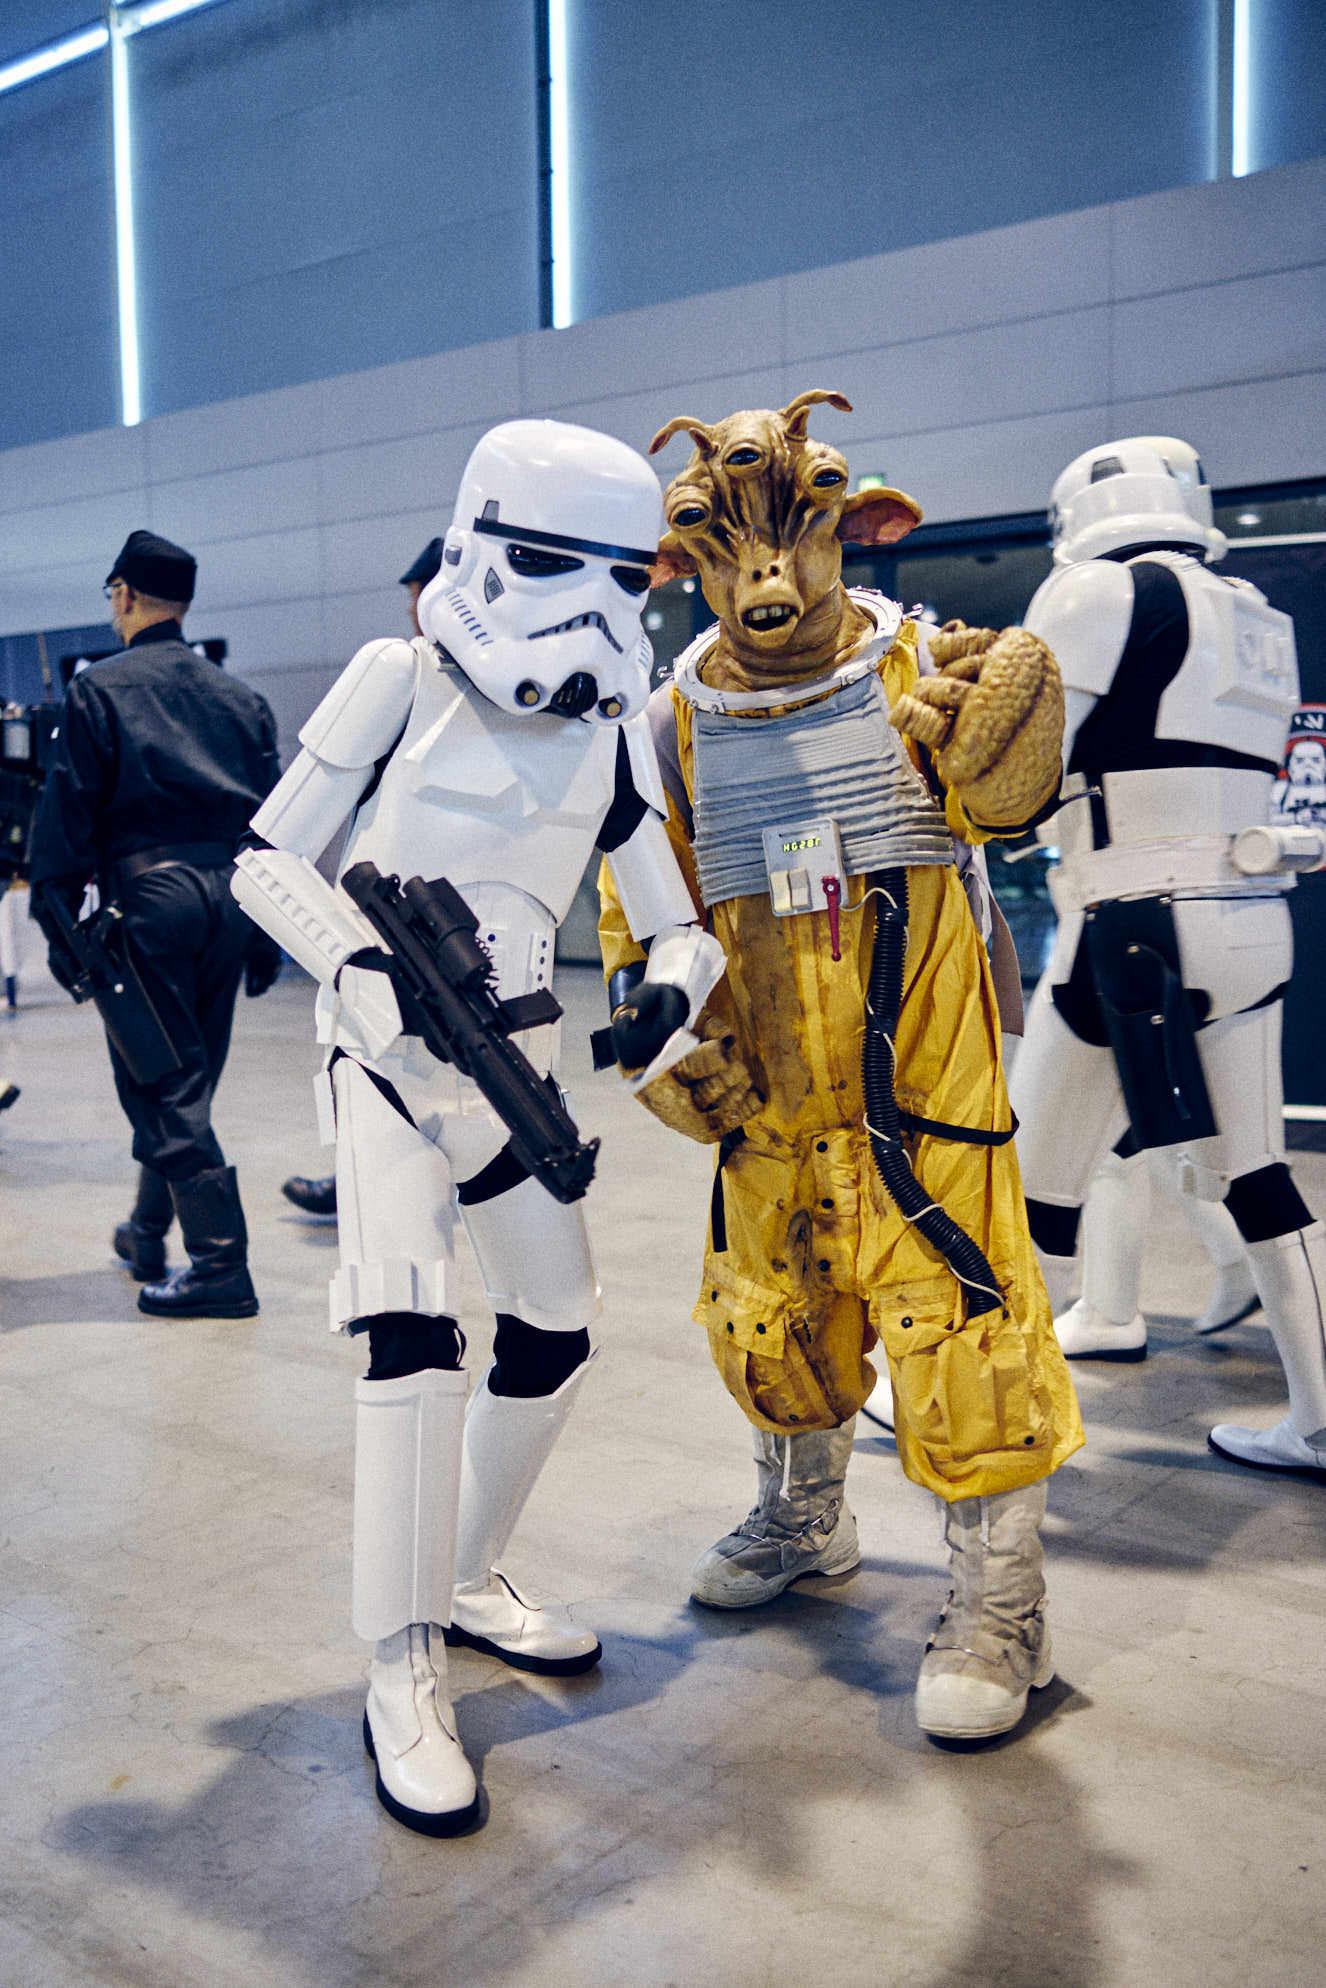 www.steffenjahn.com/oeffentlich/Stormtrooper_0292.jpg